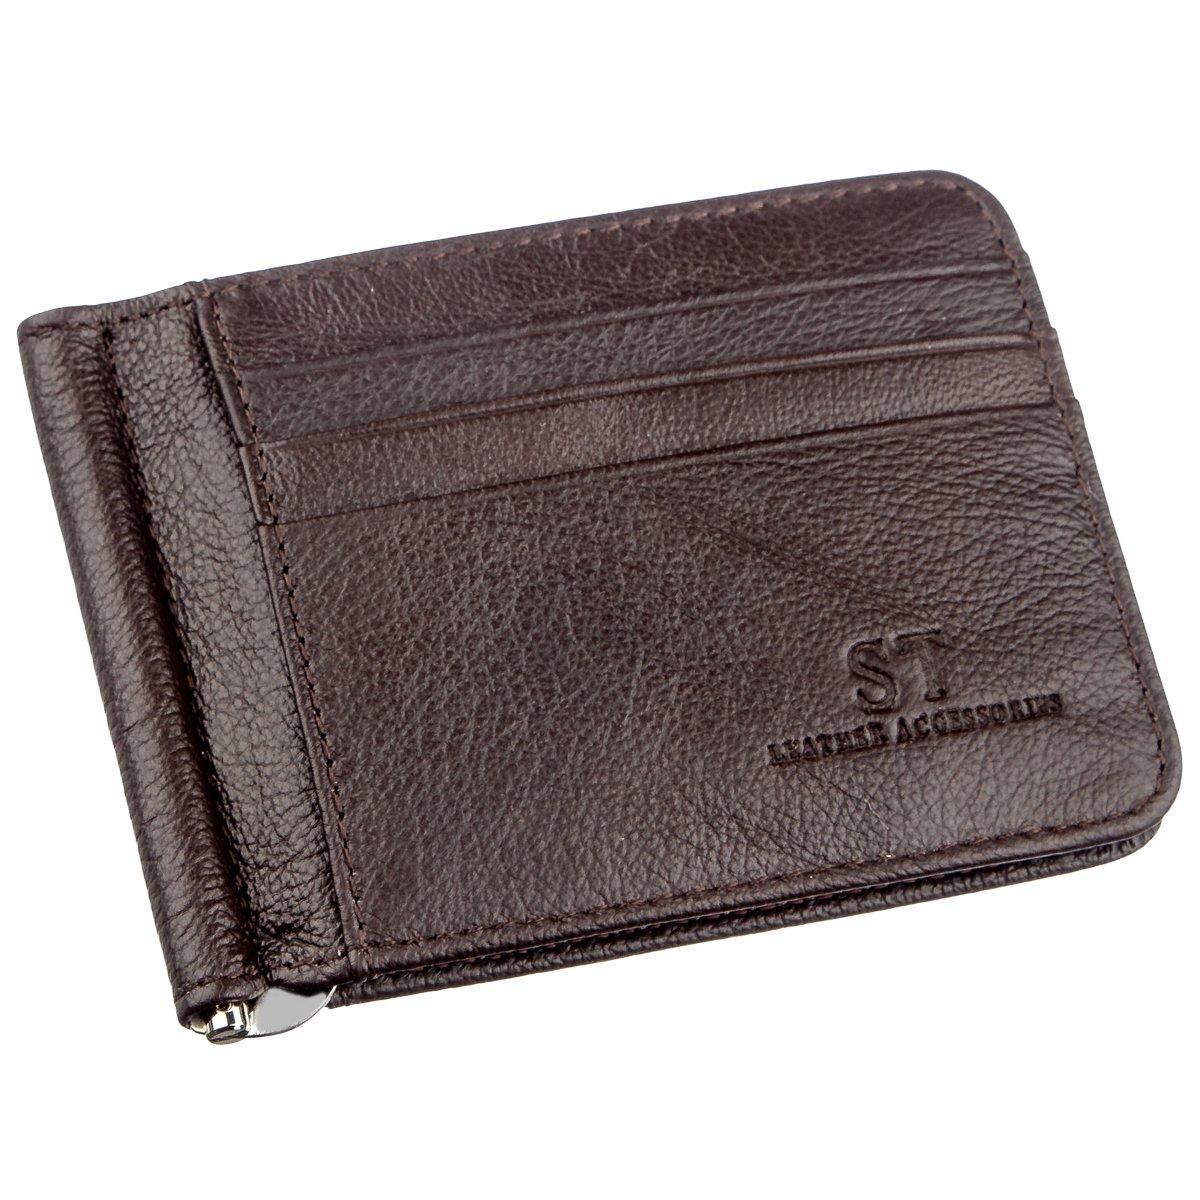 Стильный мужской зажим ST Leather 18941 Коричневый